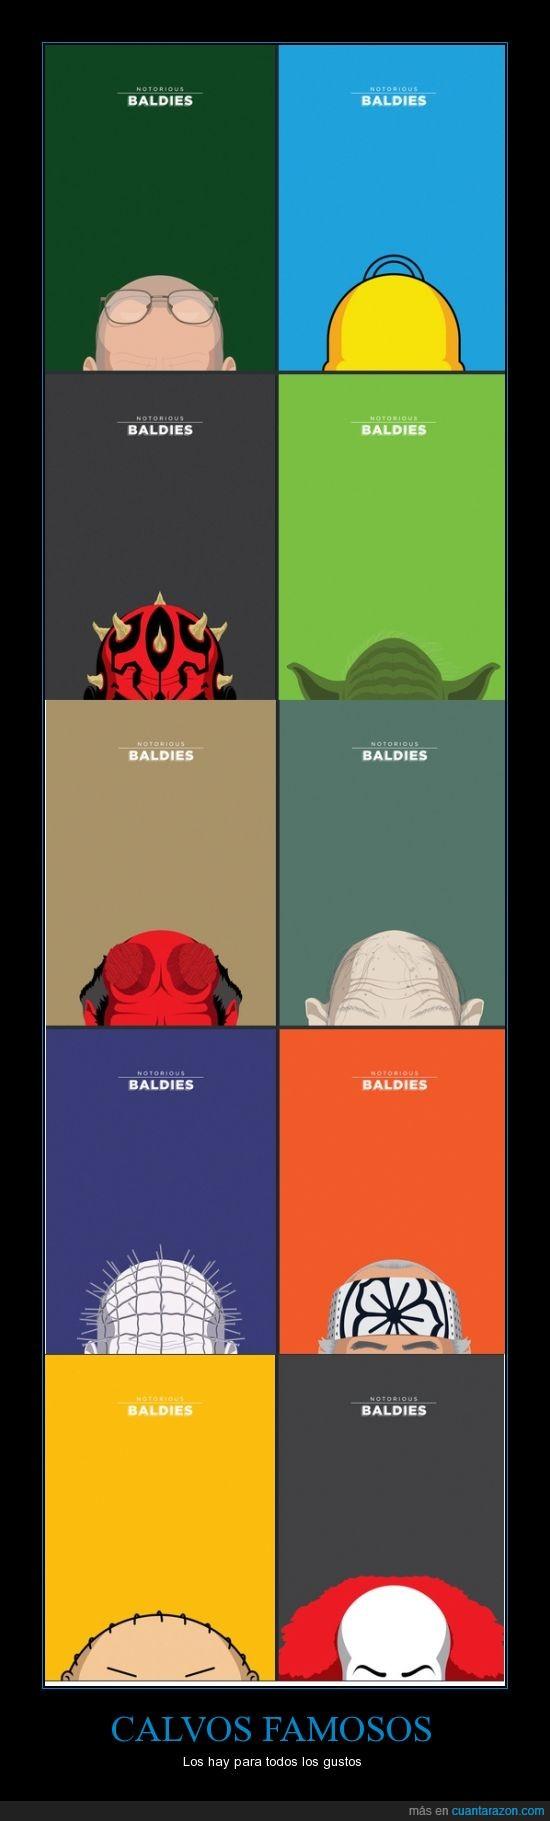 calvo,darth maul,famoso,gollum,heisenberg,hellboy,hellraiser,it,miyagi,stewie,yoda